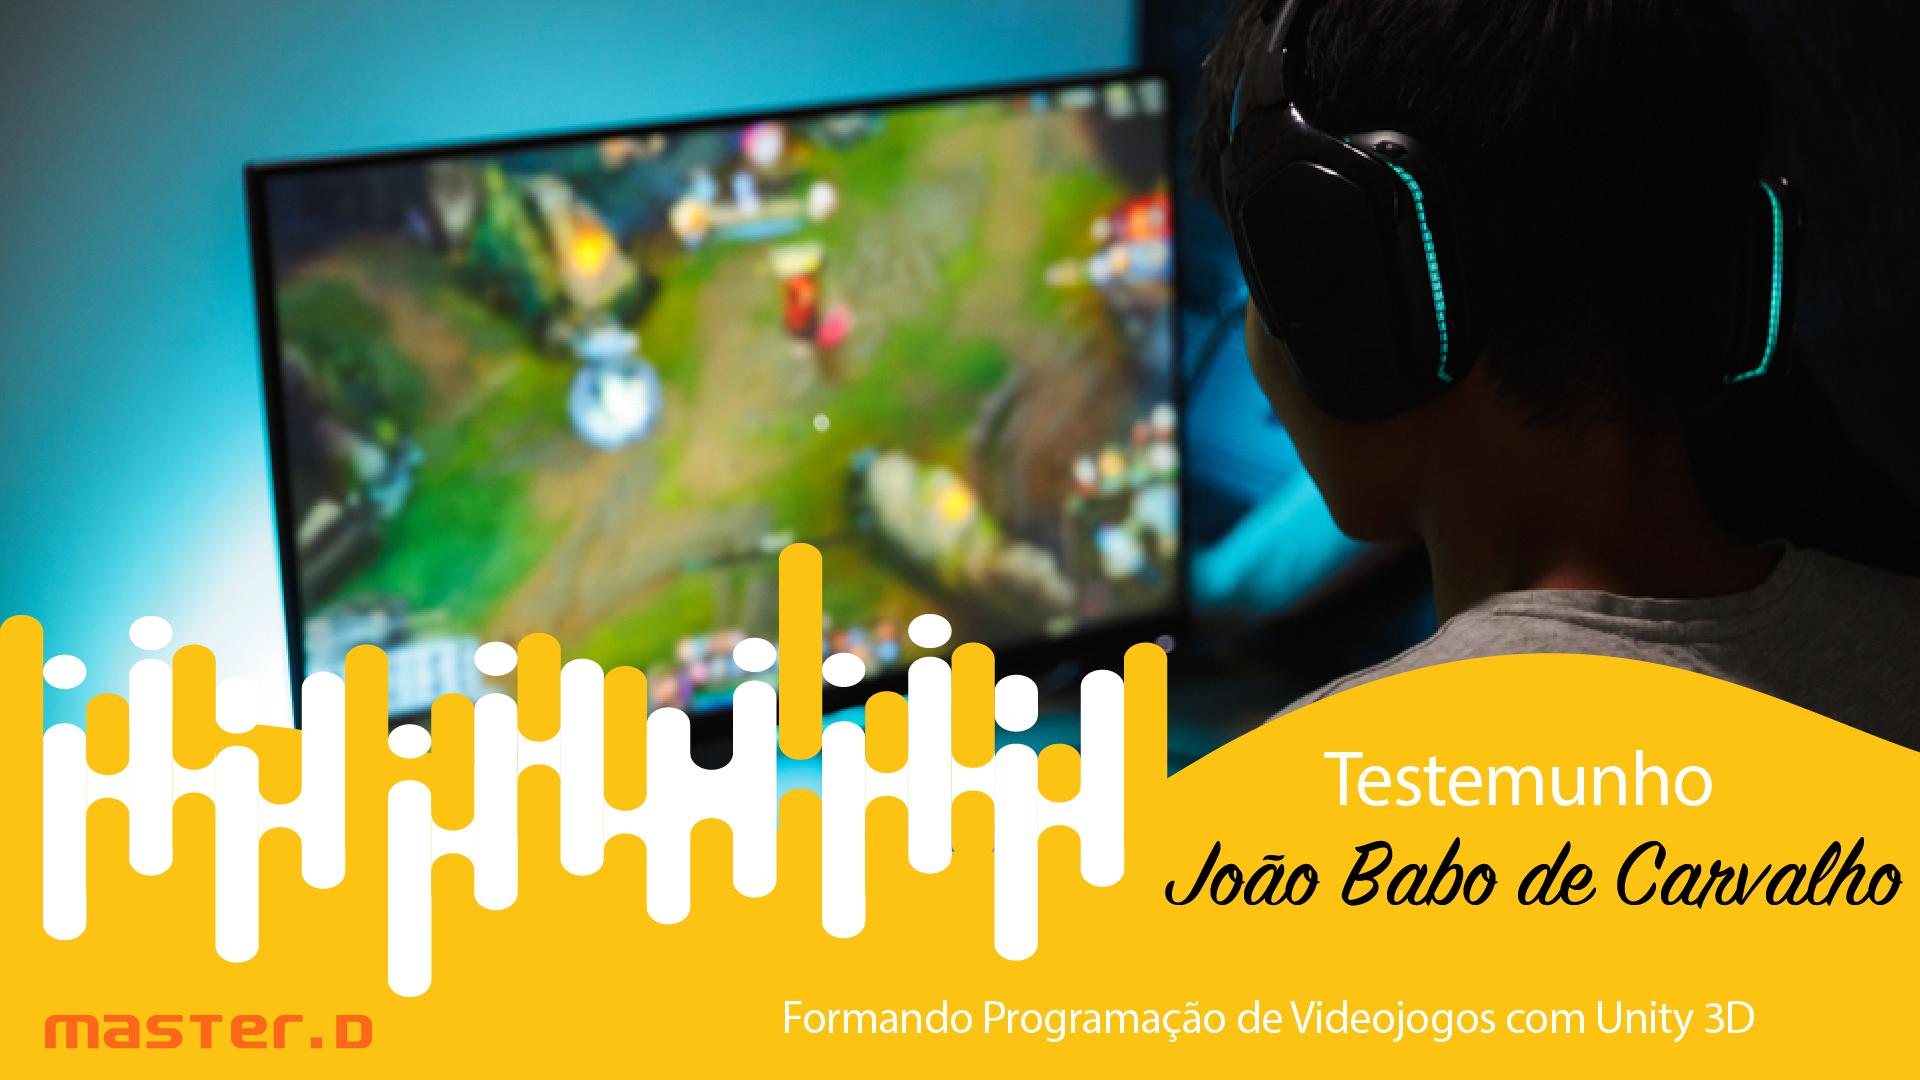 Joao Carvalho - Curso de Programacao Videojogos com Unity 3D